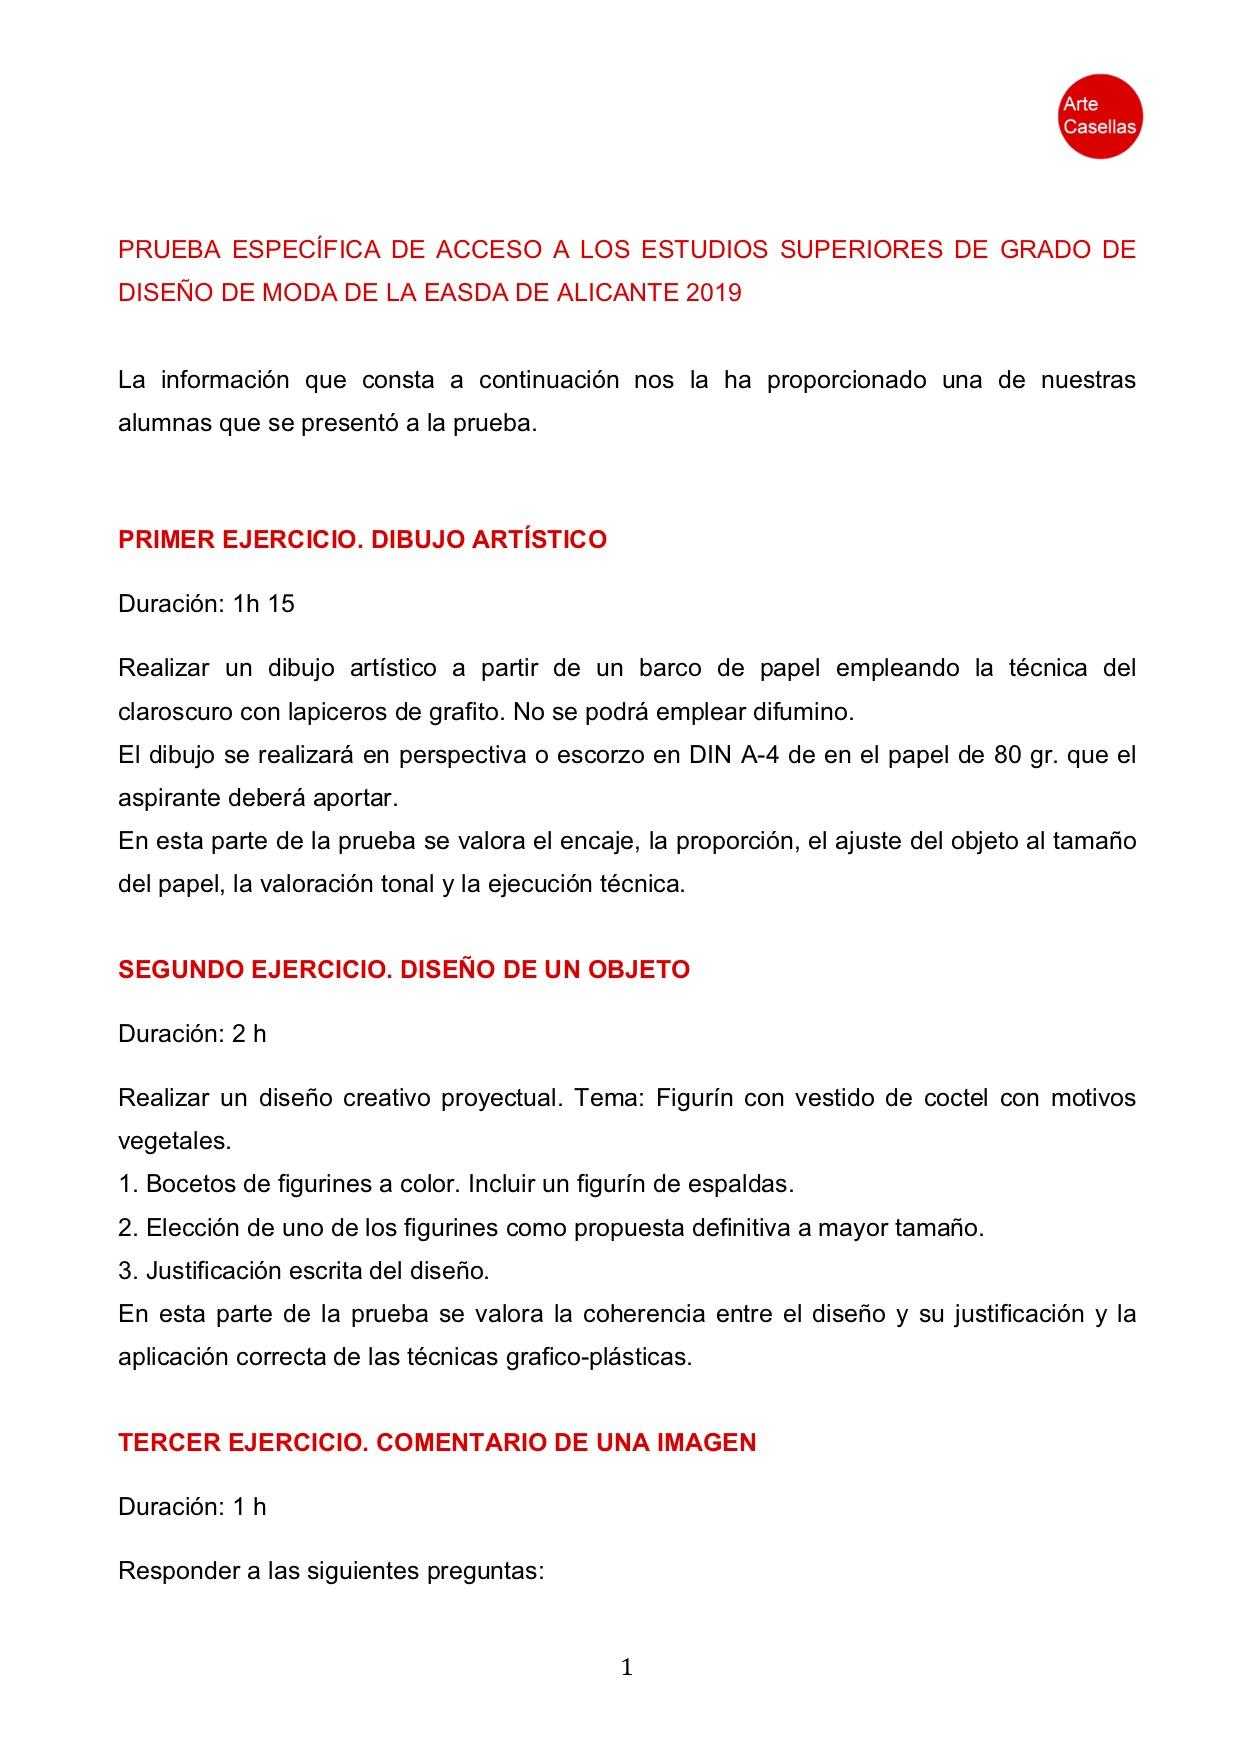 Arte-Casellas.-Clases-preparación-online.-Prueba-específica-EASDA-moda-2019-1